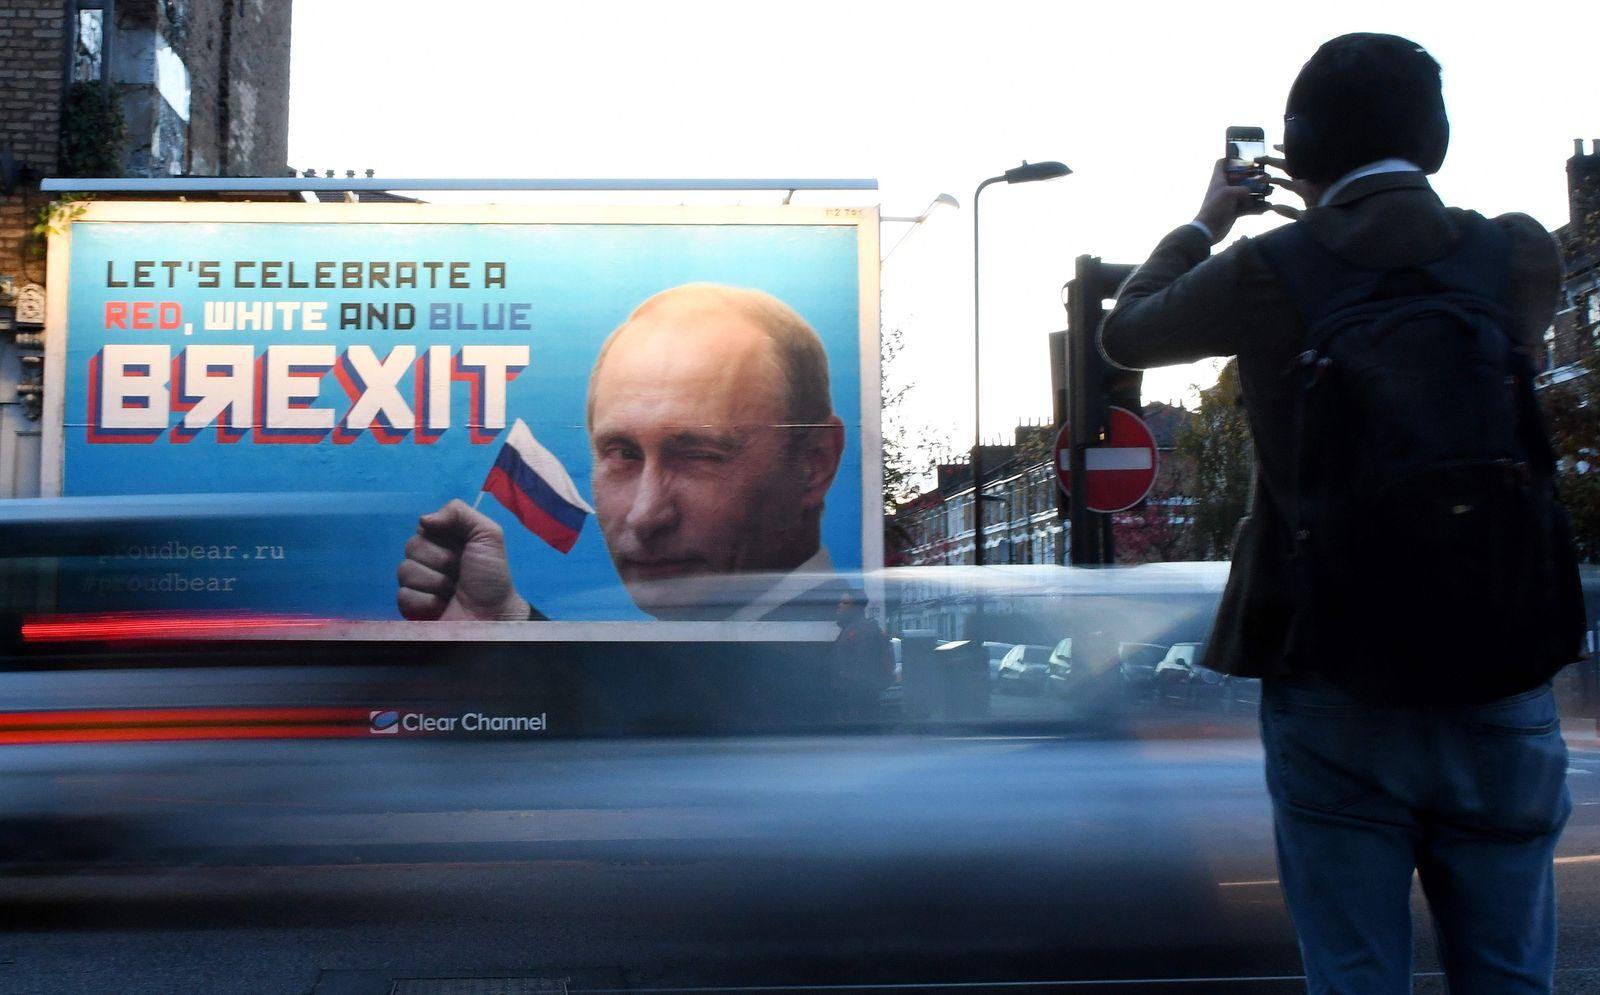 FILES-BRITAIN-RUSSIA-DIPLOMACY